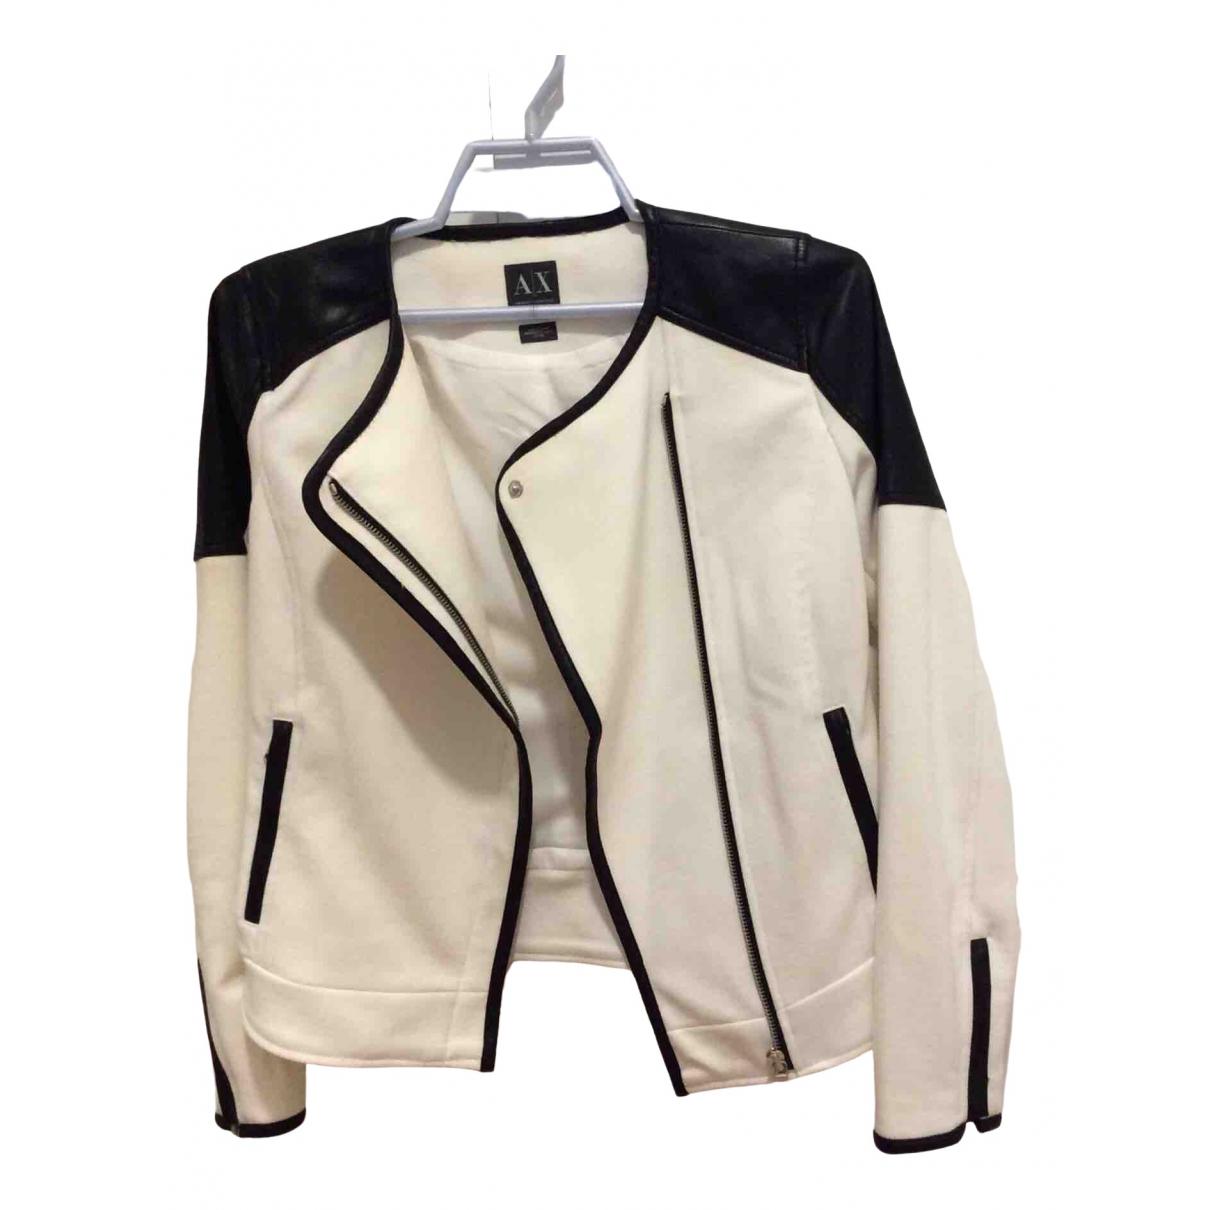 Emporio Armani \N White jacket for Women XS International